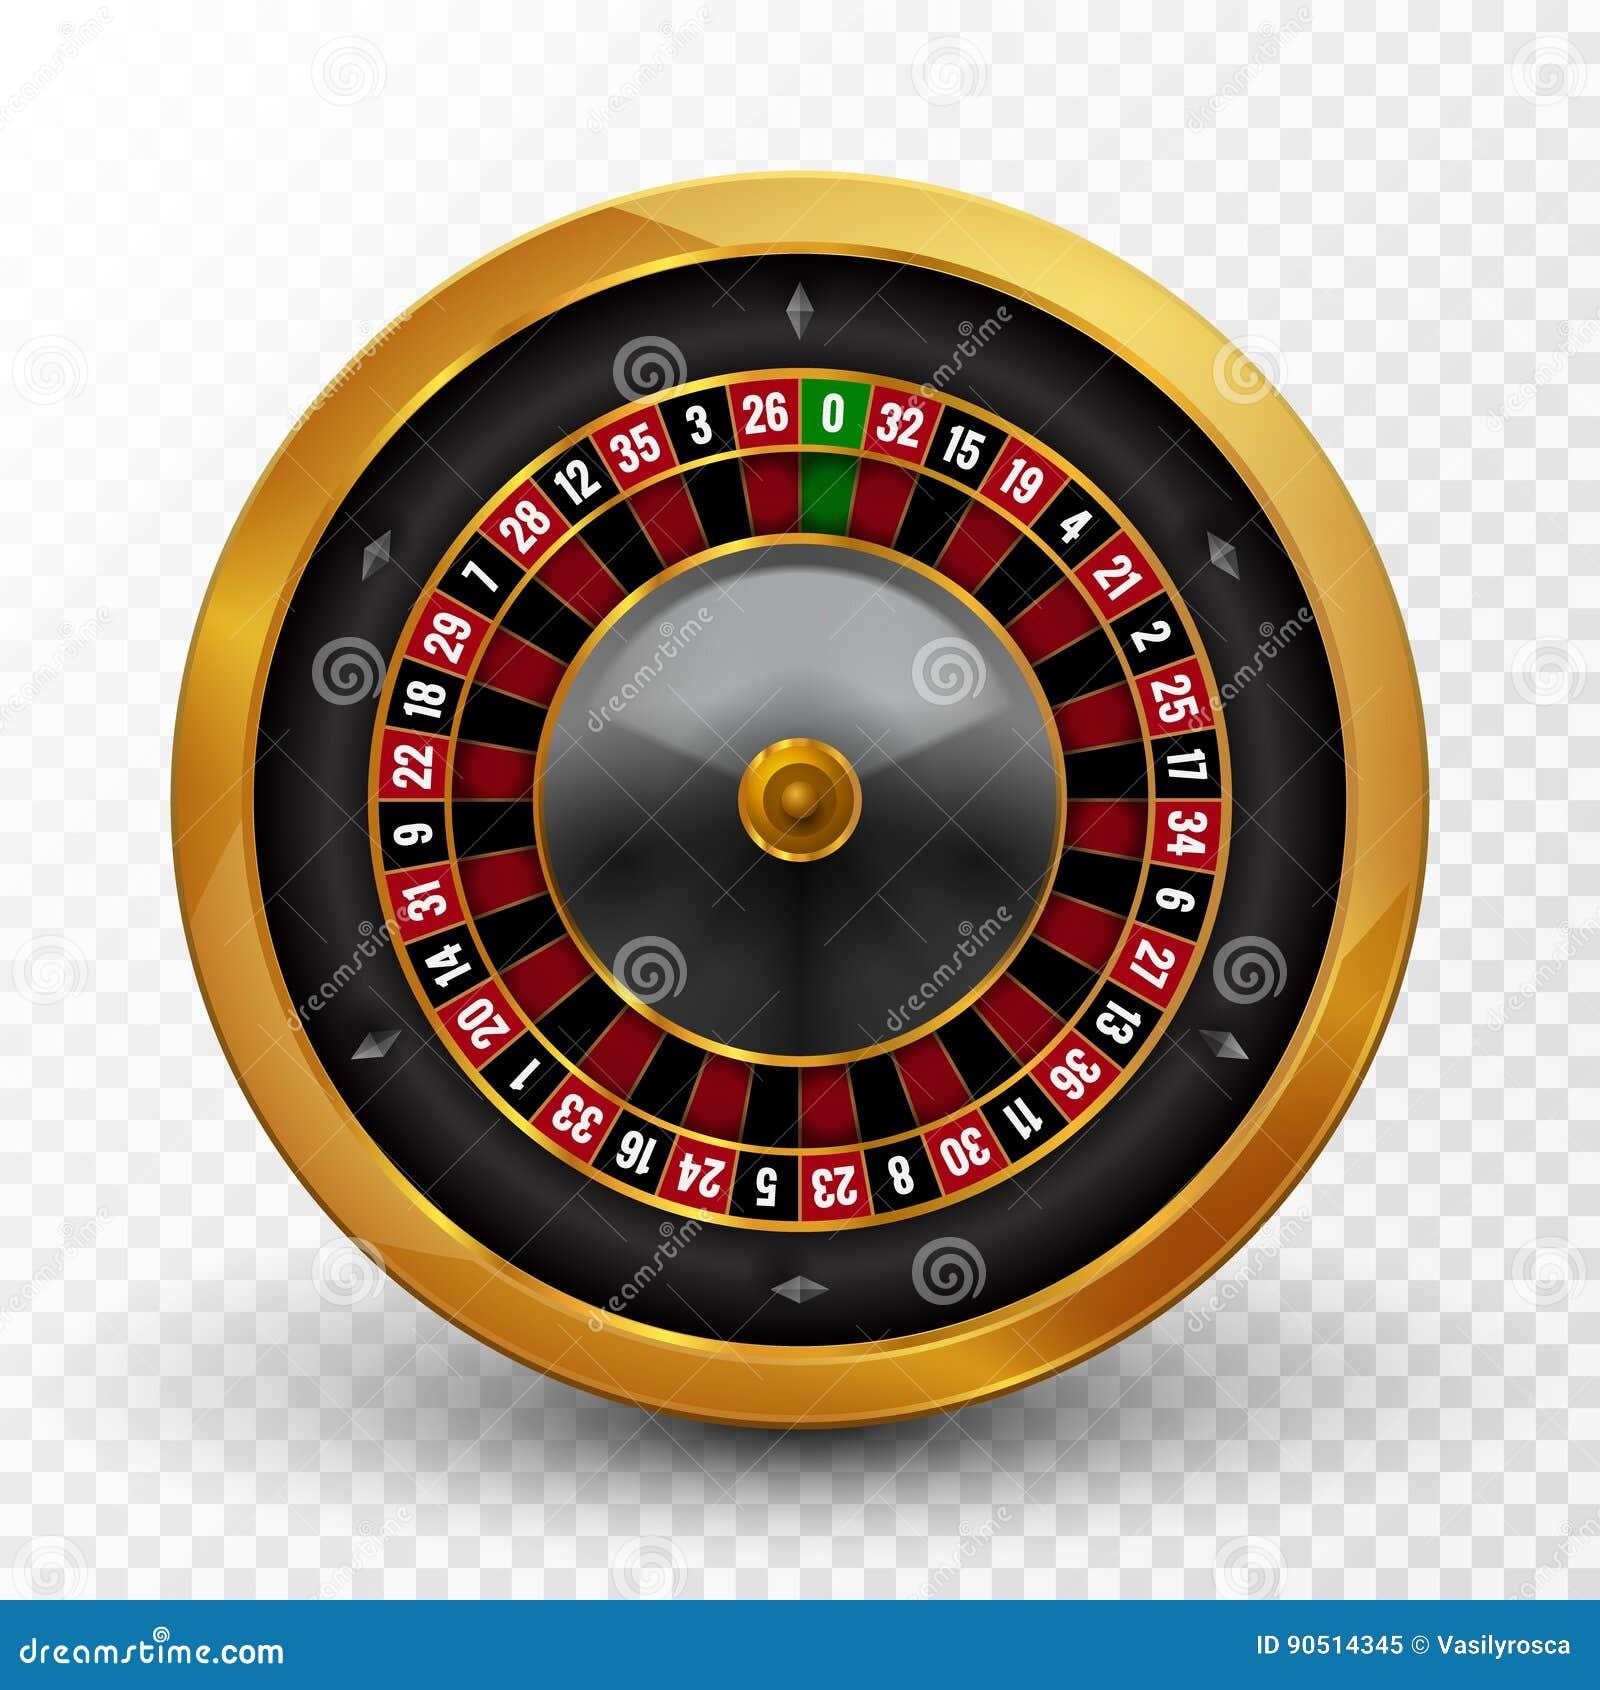 Roleta pro bumbet casino 57775